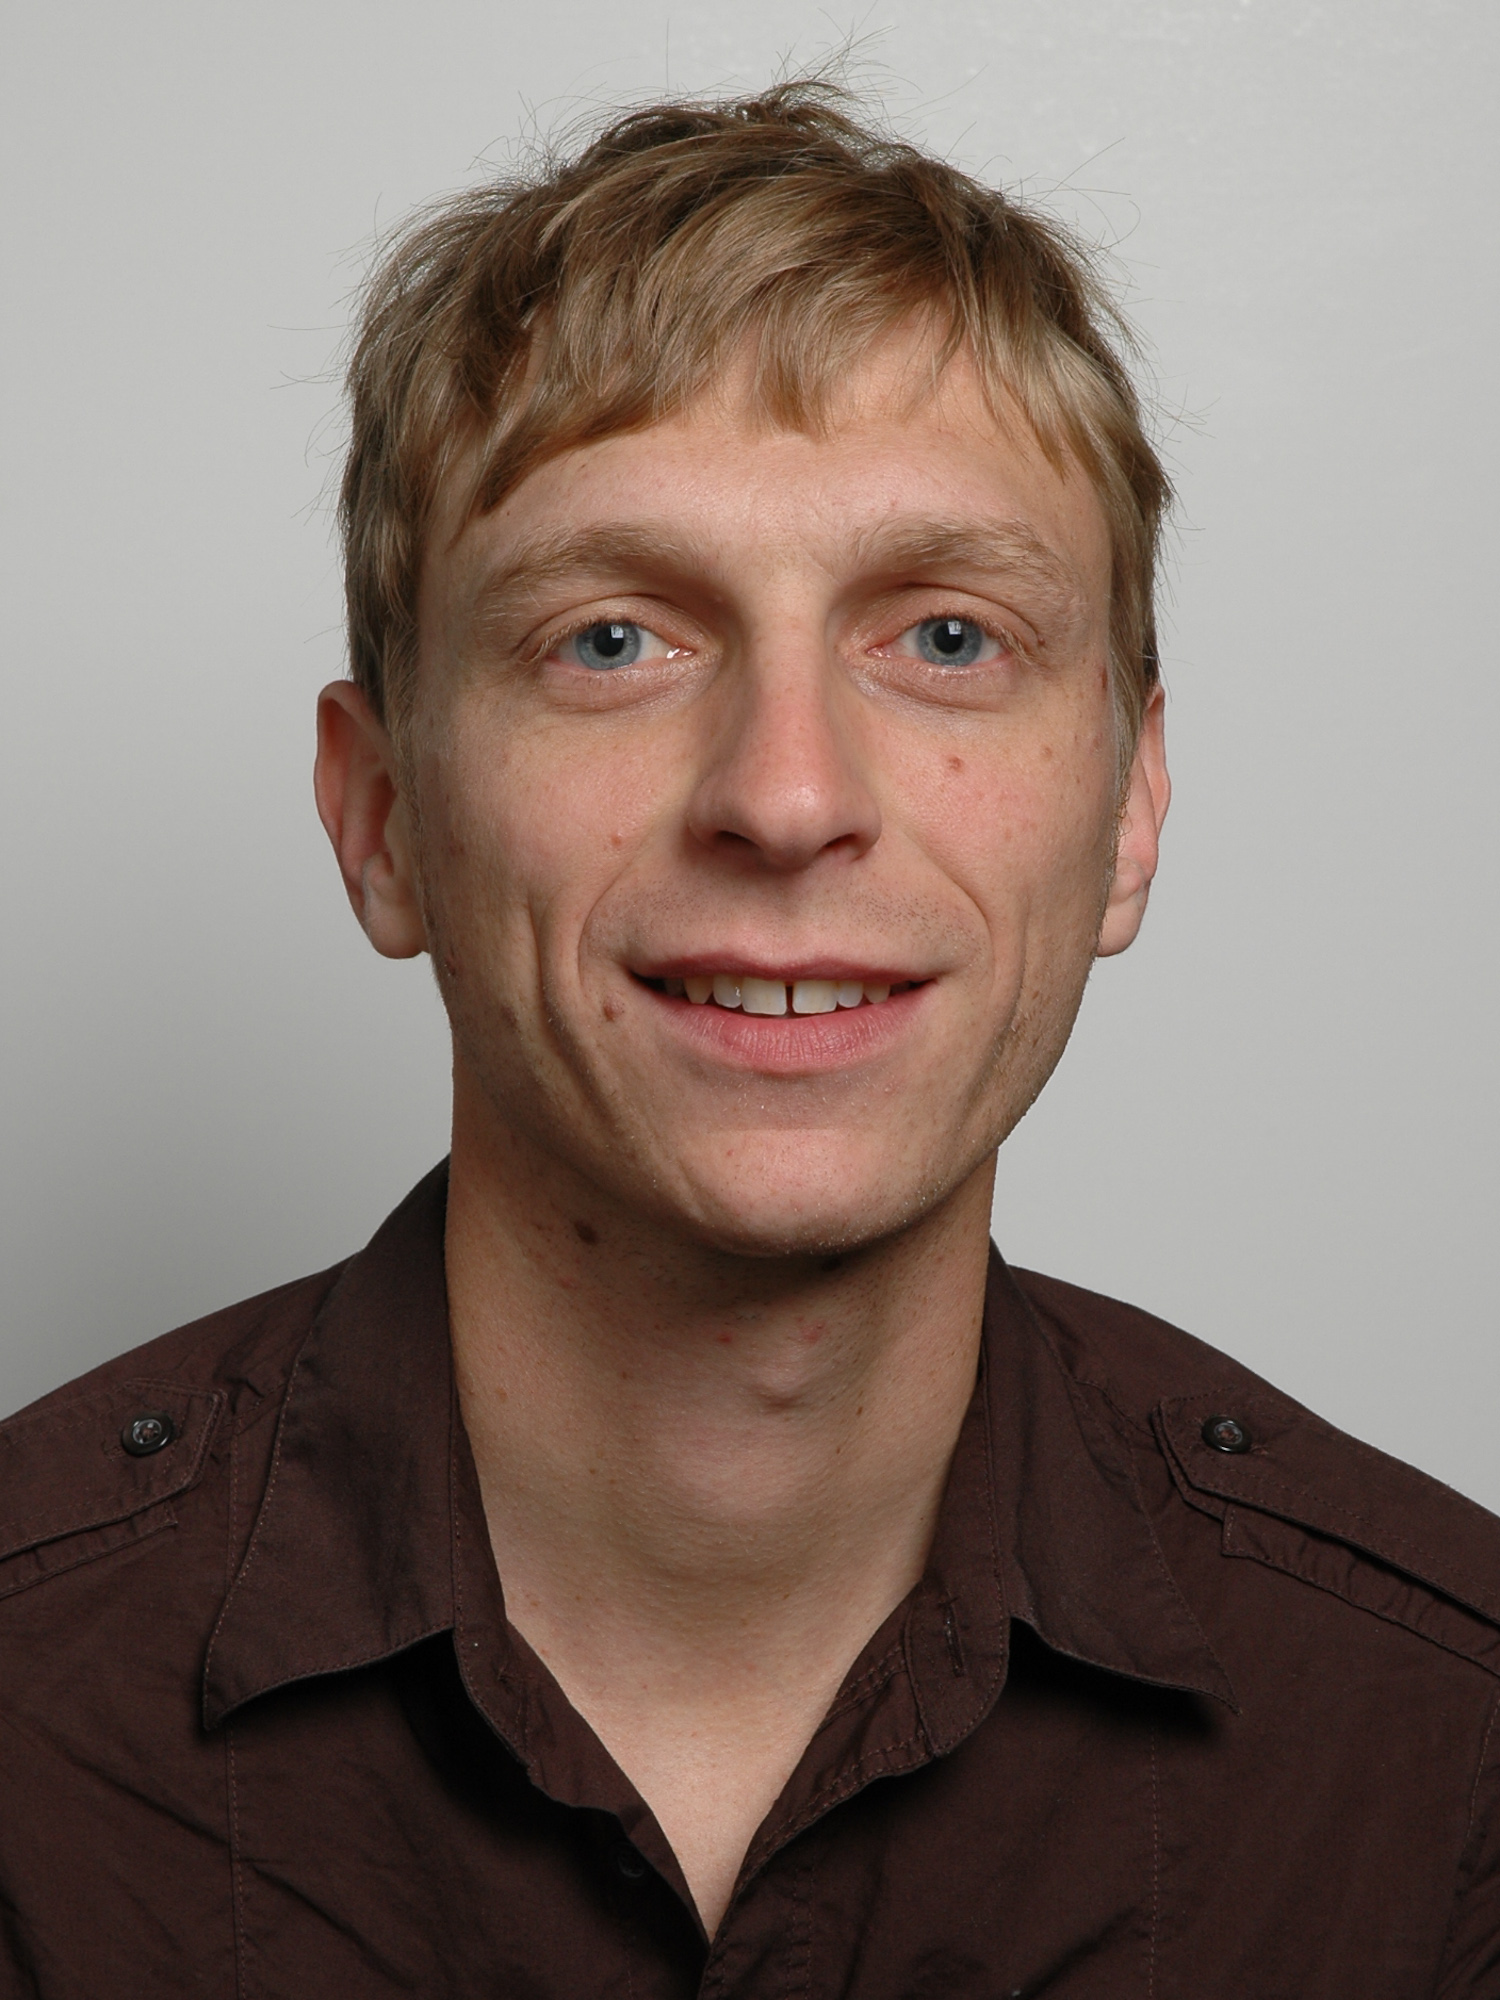 Sebastian Schlafer